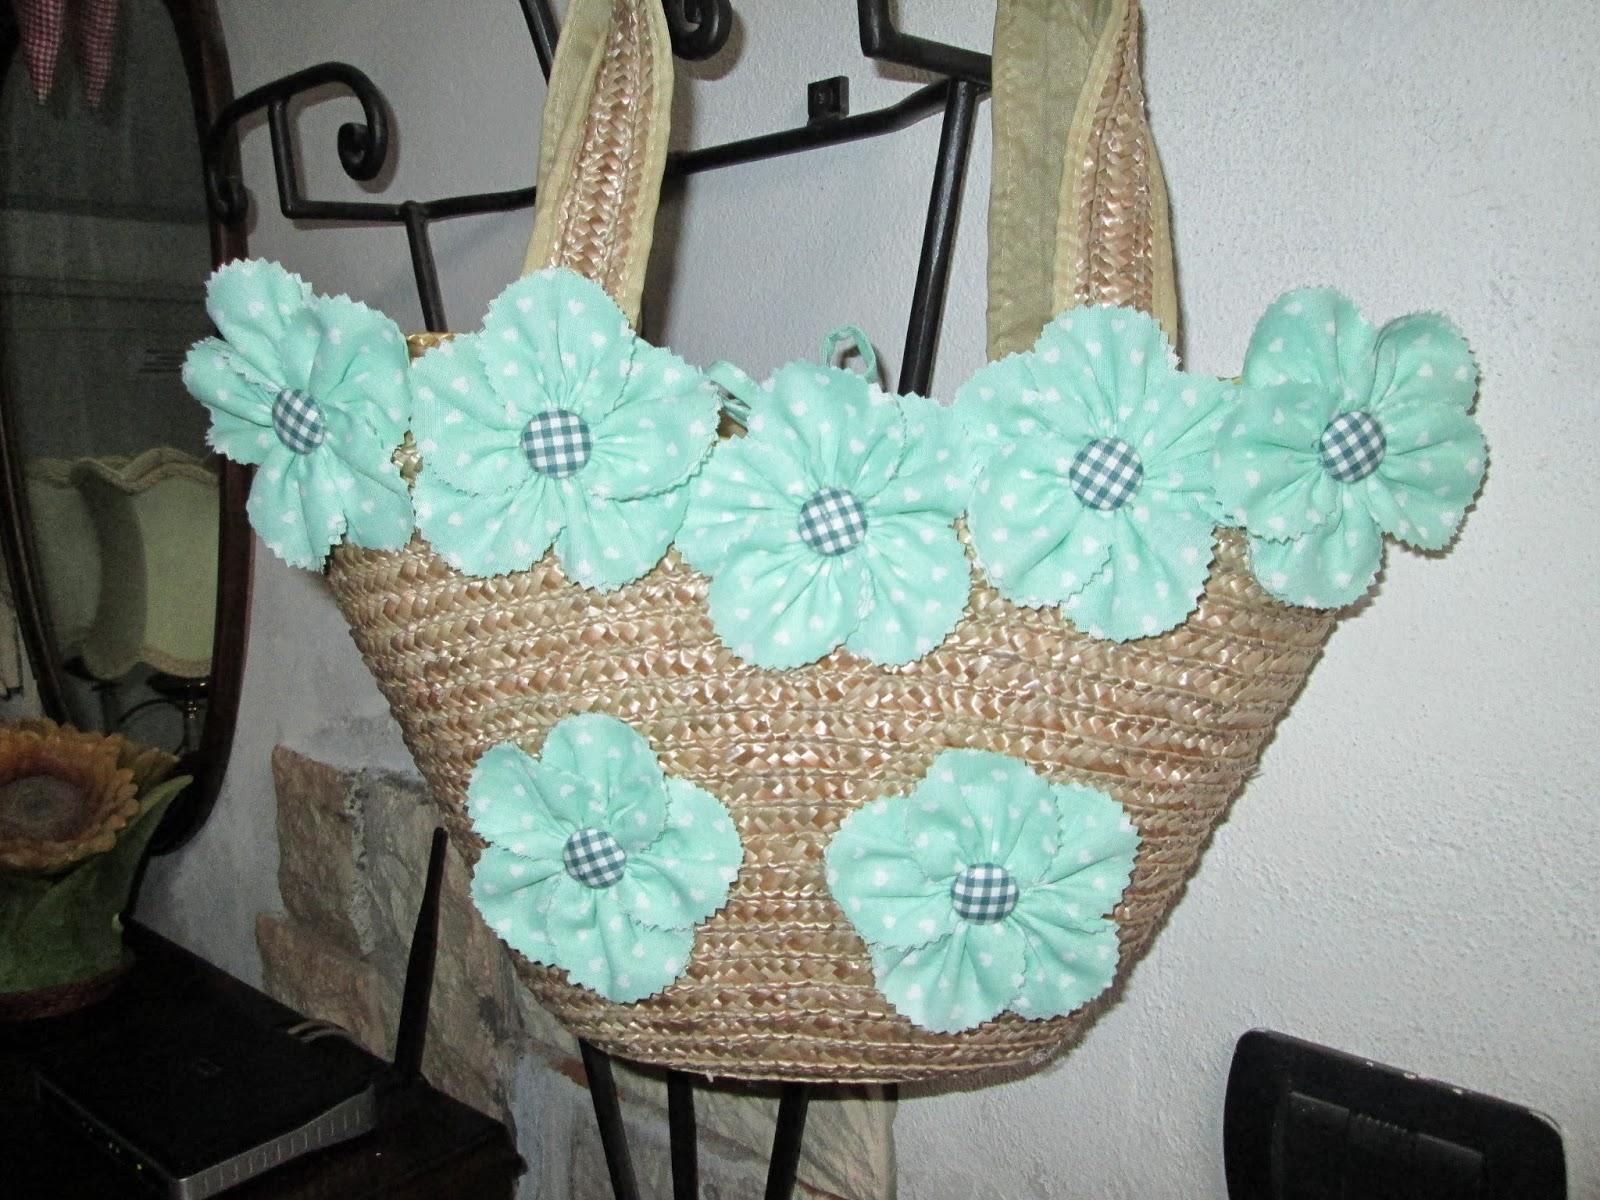 Borse Di Paglia Decorate Alluncinetto : Creazioni con stoffa borsa di paglia decorata